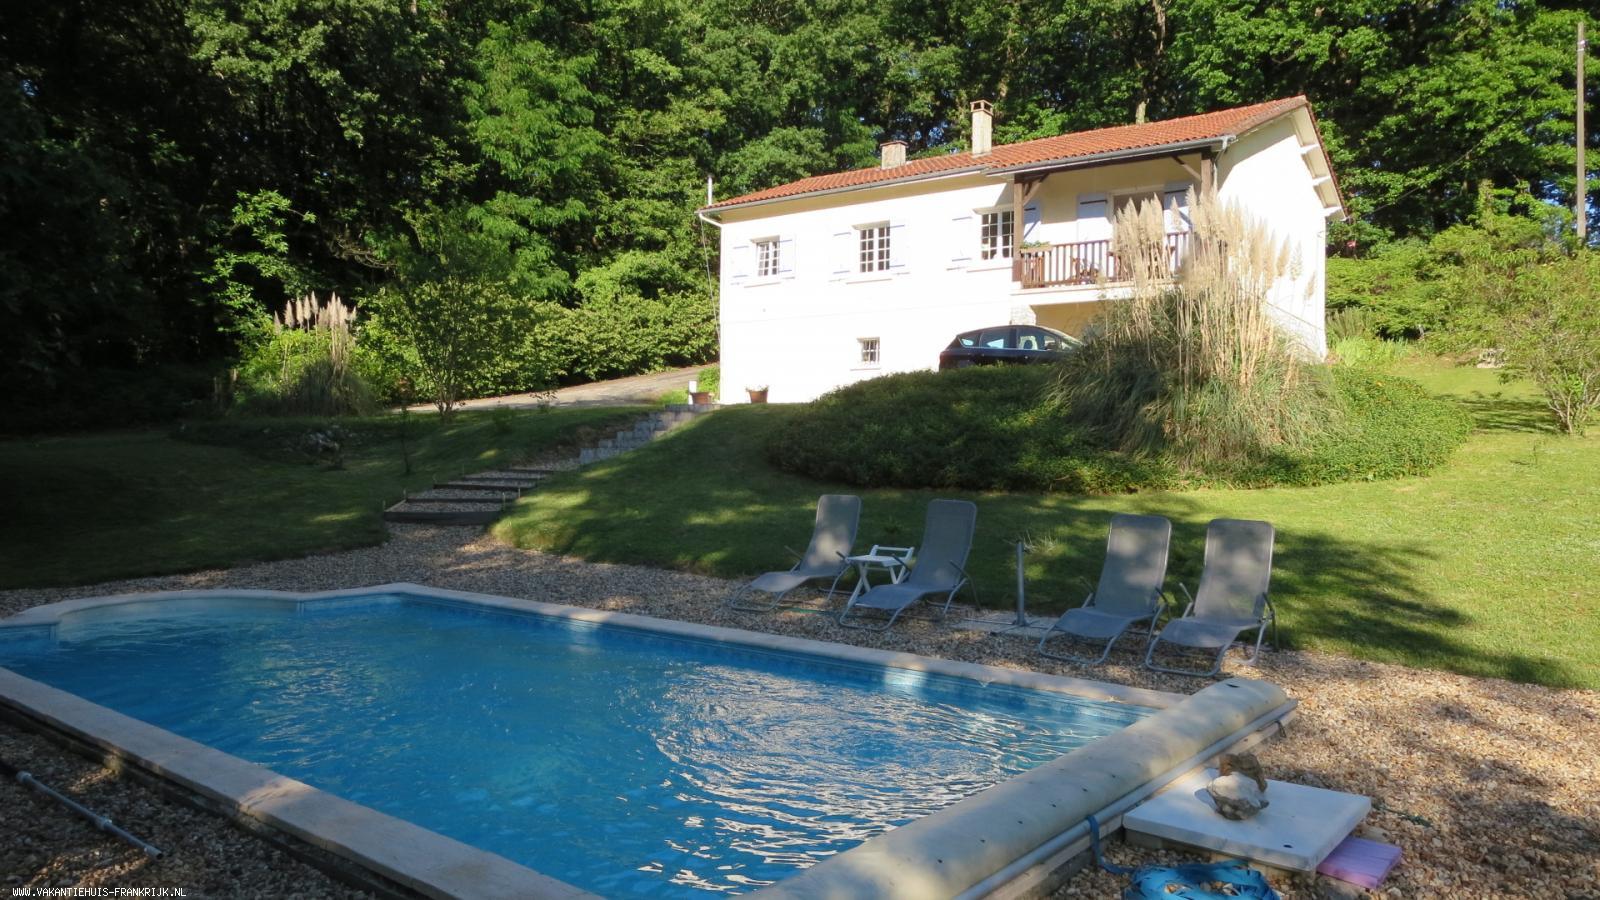 Vakantiehuis: Fraaie, vrijstaande villa met volledige privacy en privé zwembad op slechts 3 km van het gezellige Franse stadje Ribérac in de Dordogne te huur voor uw vakantie in Dordogne (Frankrijk)